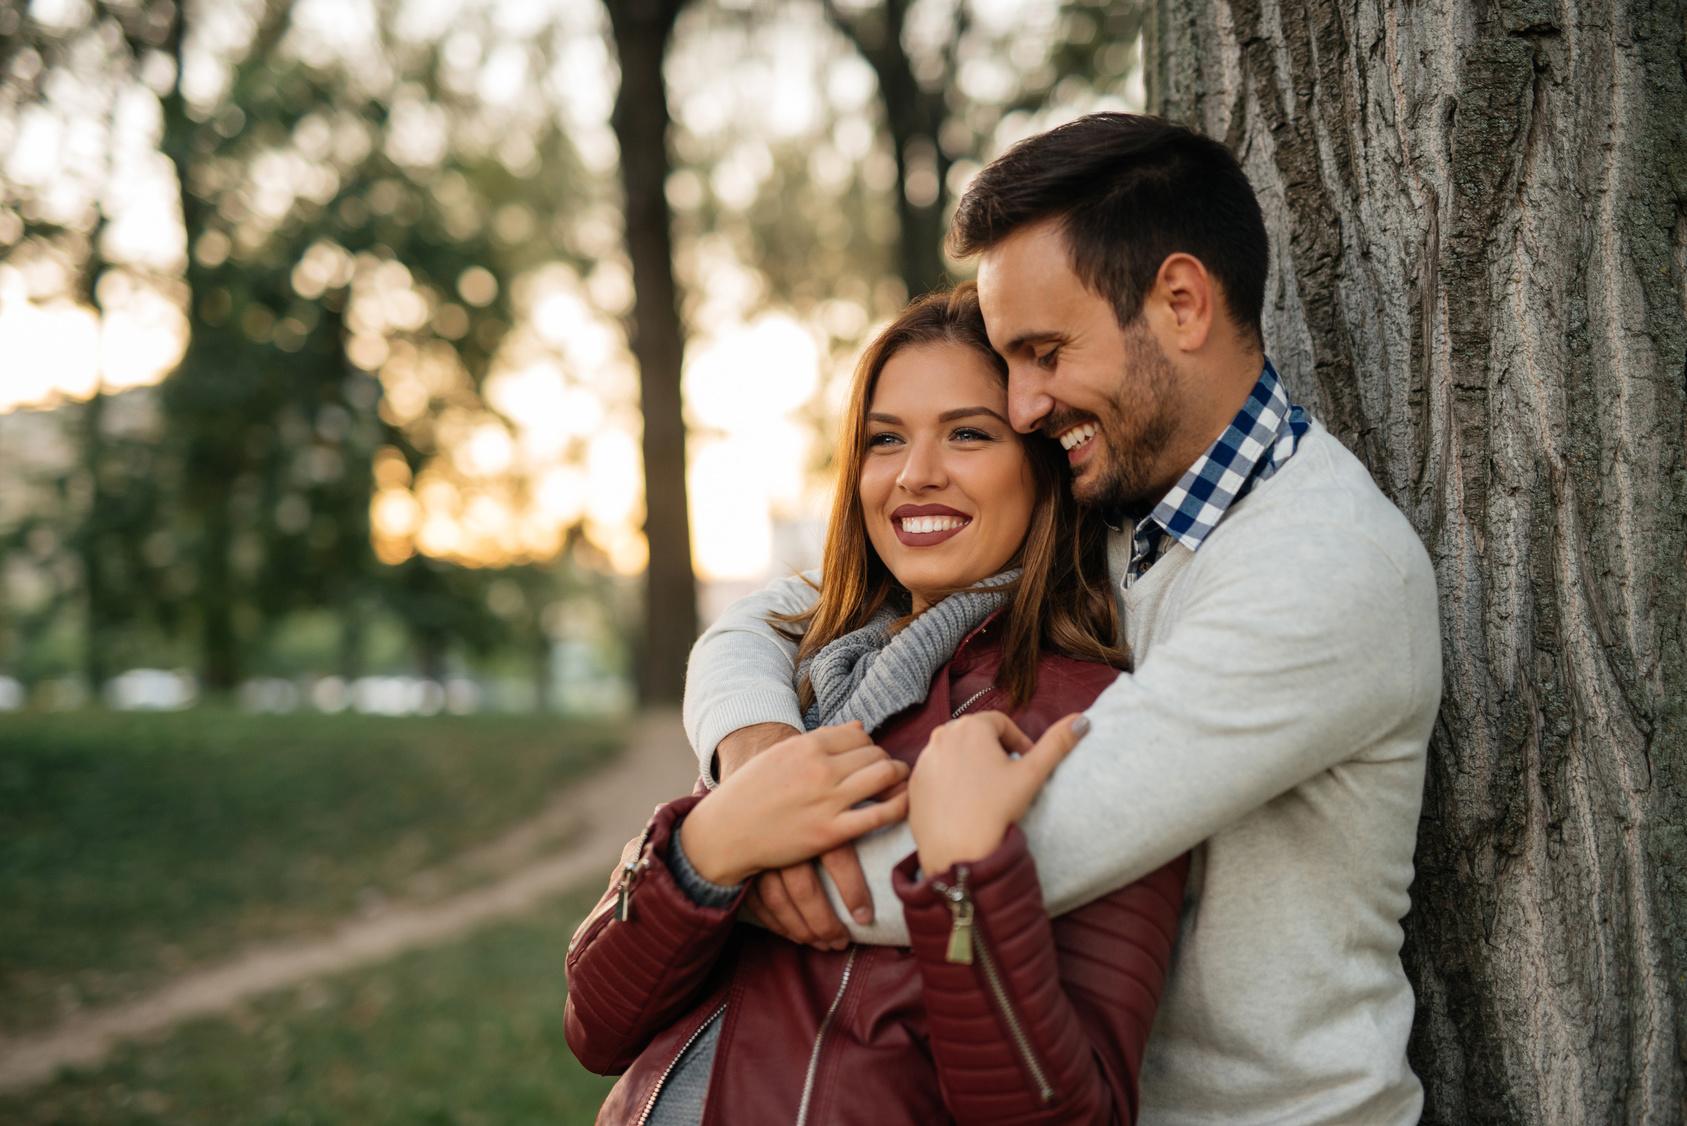 Gutes persönliches Profil für Dating-Seite